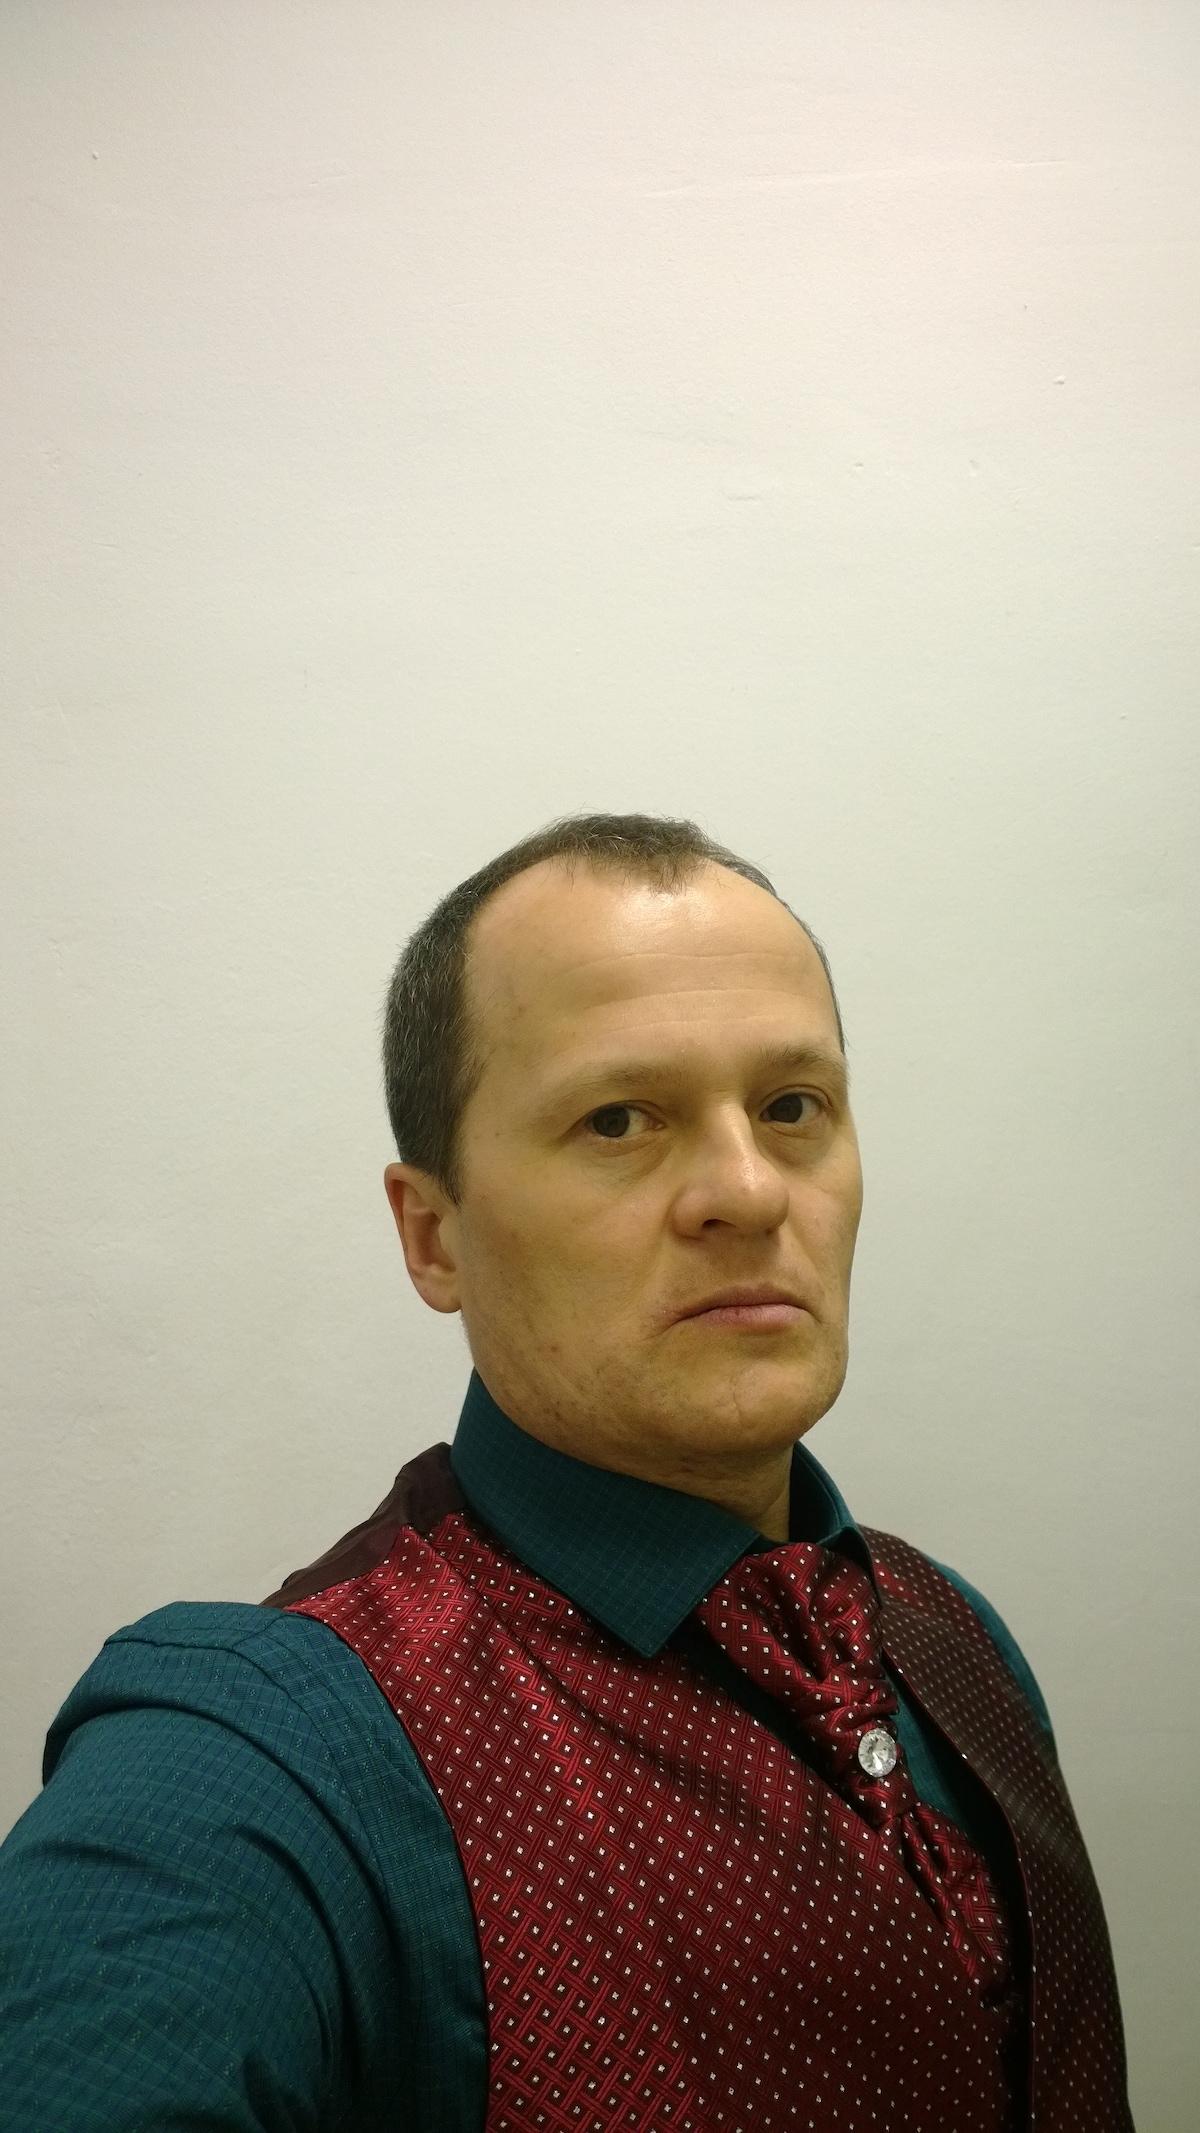 Николай from Dimitrovgrad